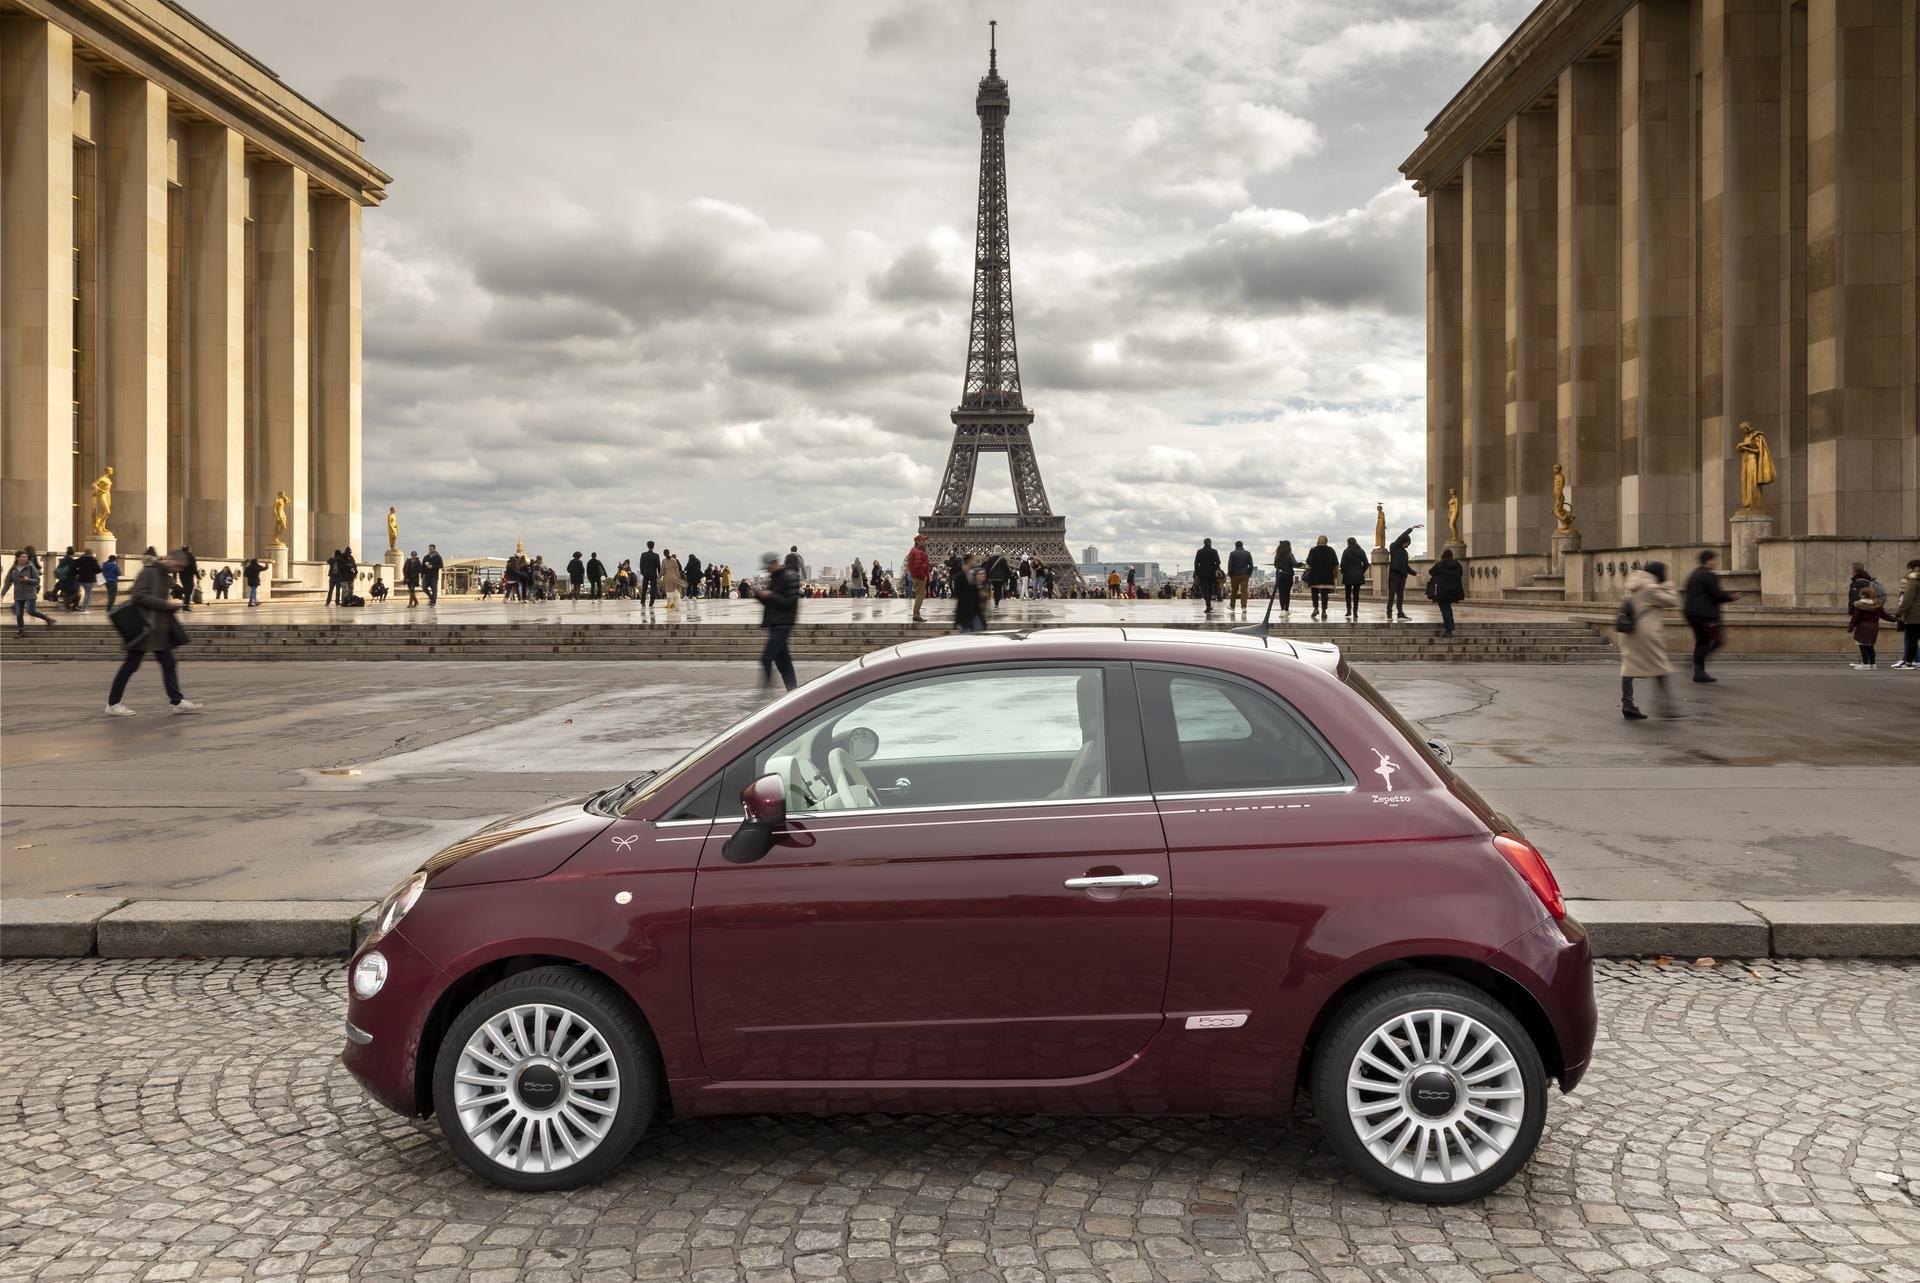 Fiat_500_Repetto_0007